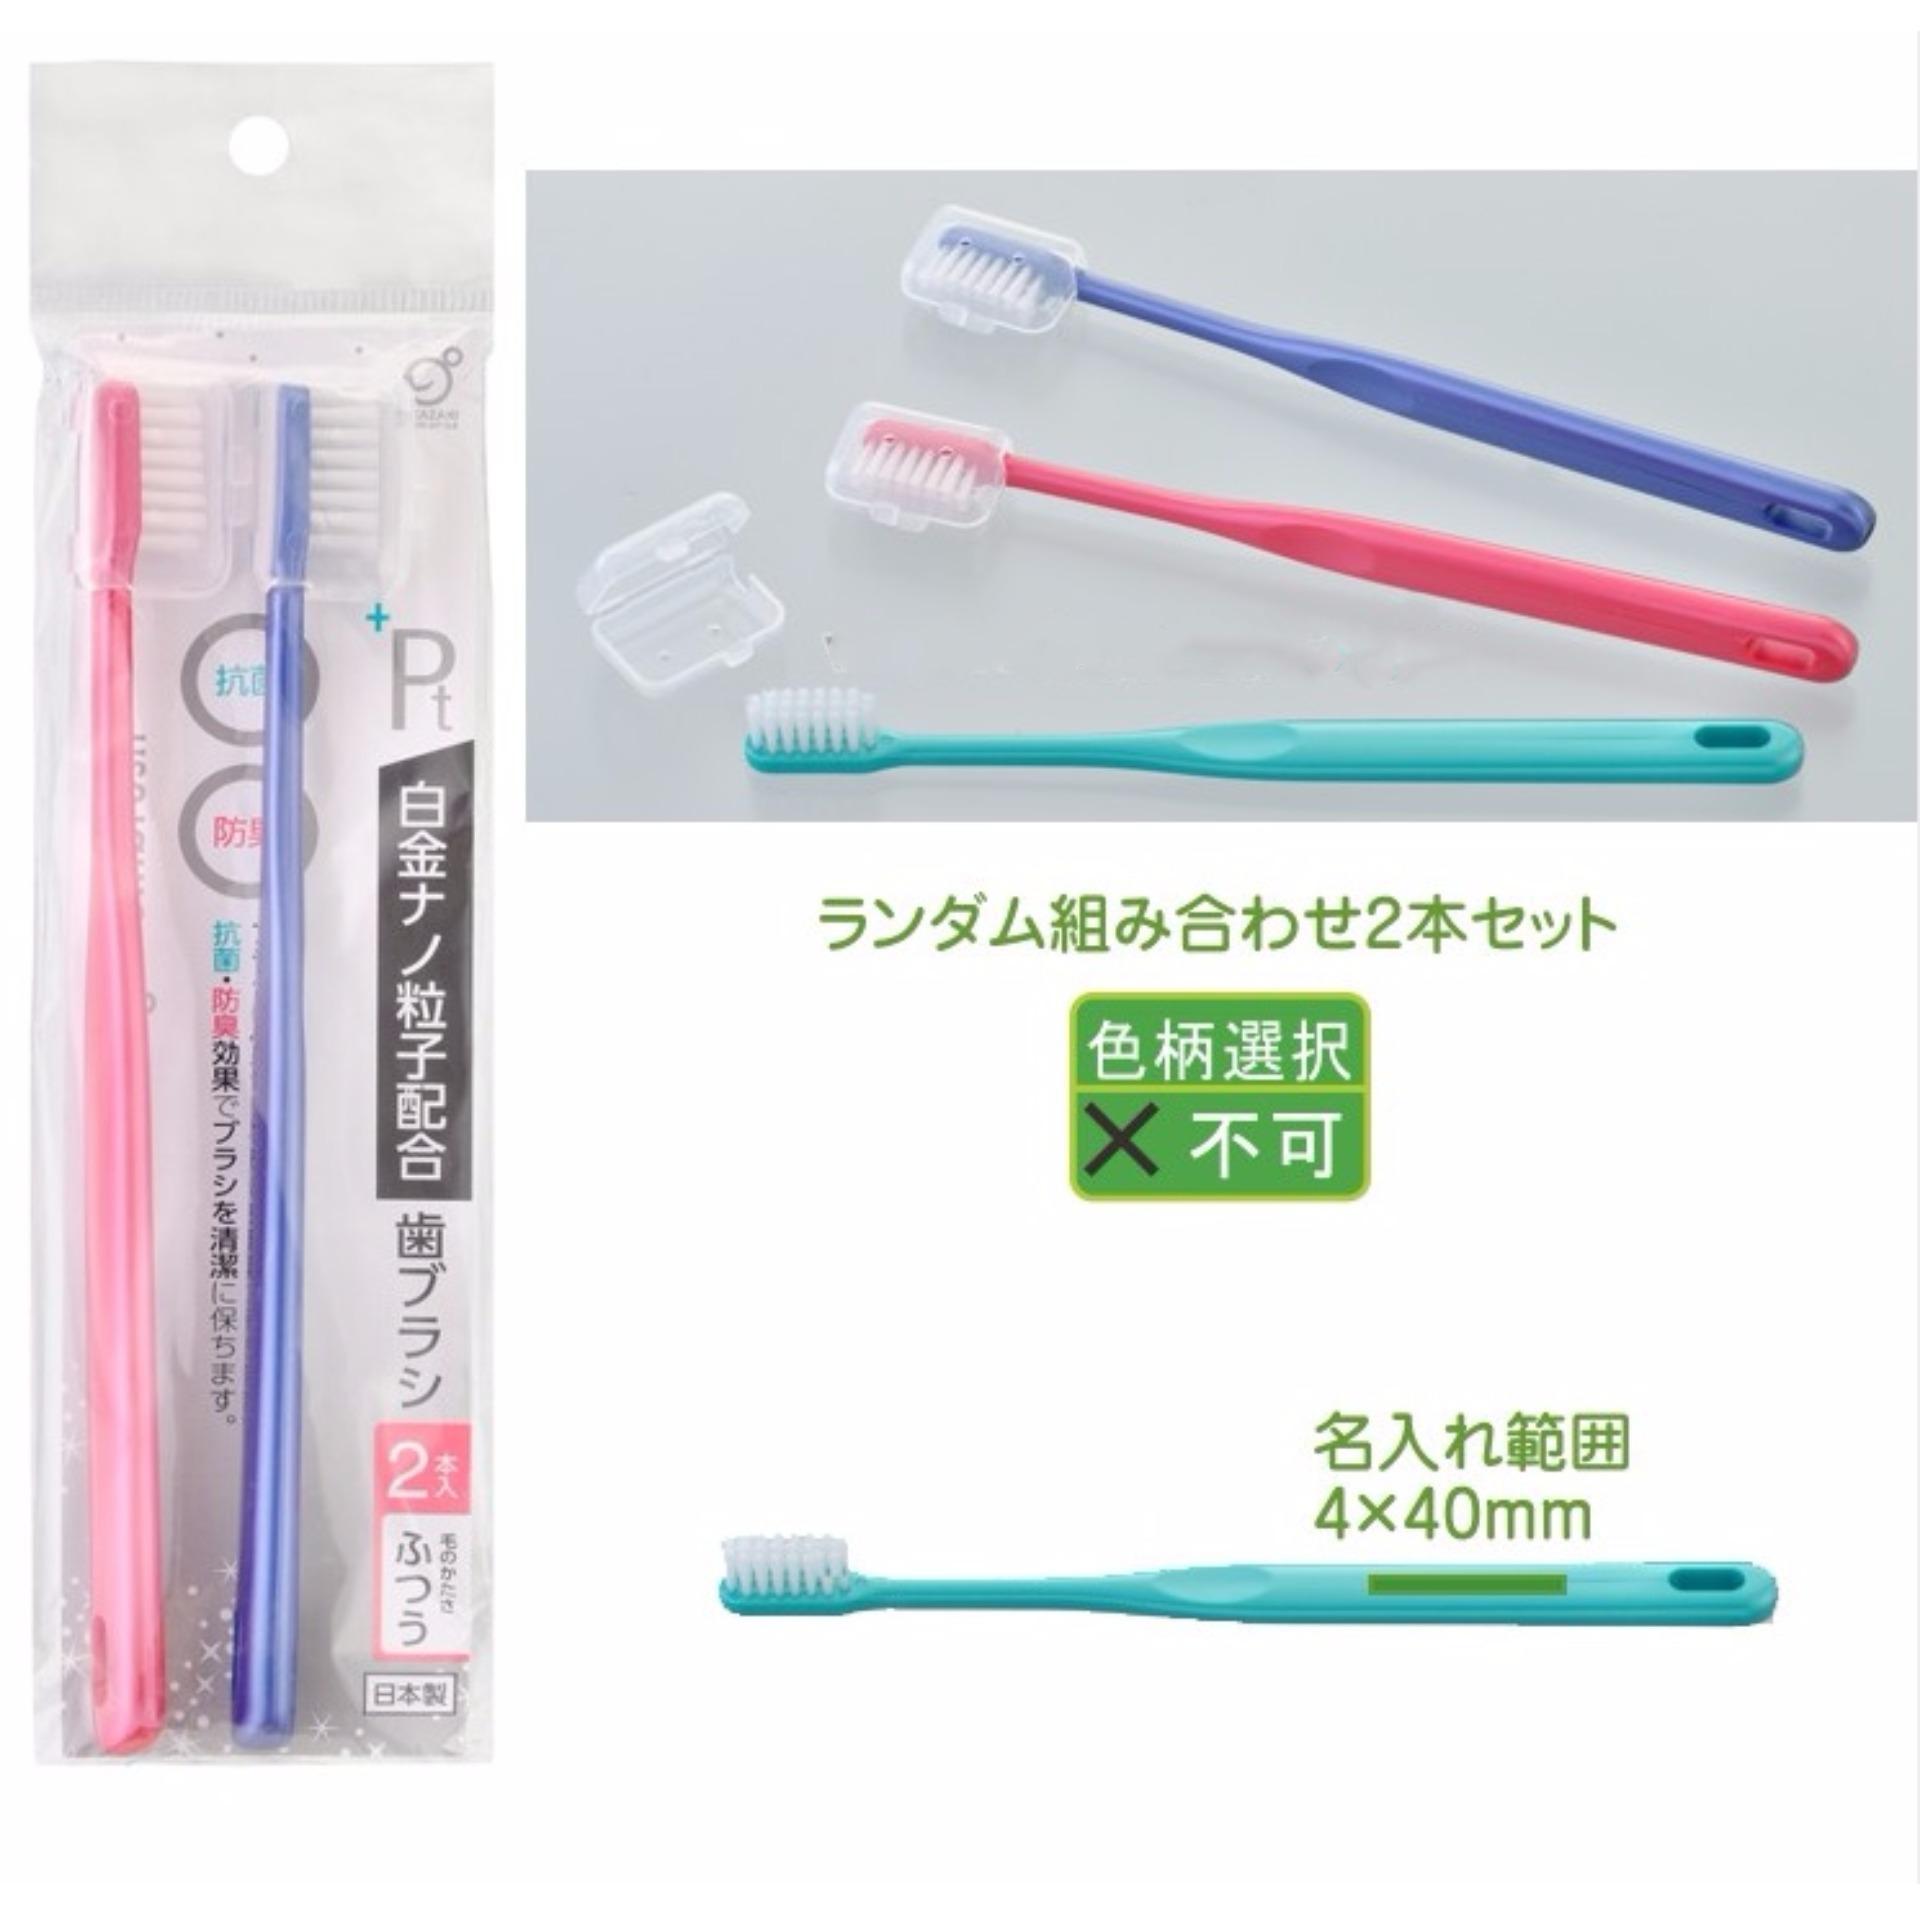 3 bộ bàn chải vệ sinh răng miệng dành cho người lớn - Hàng nội địa Nhật